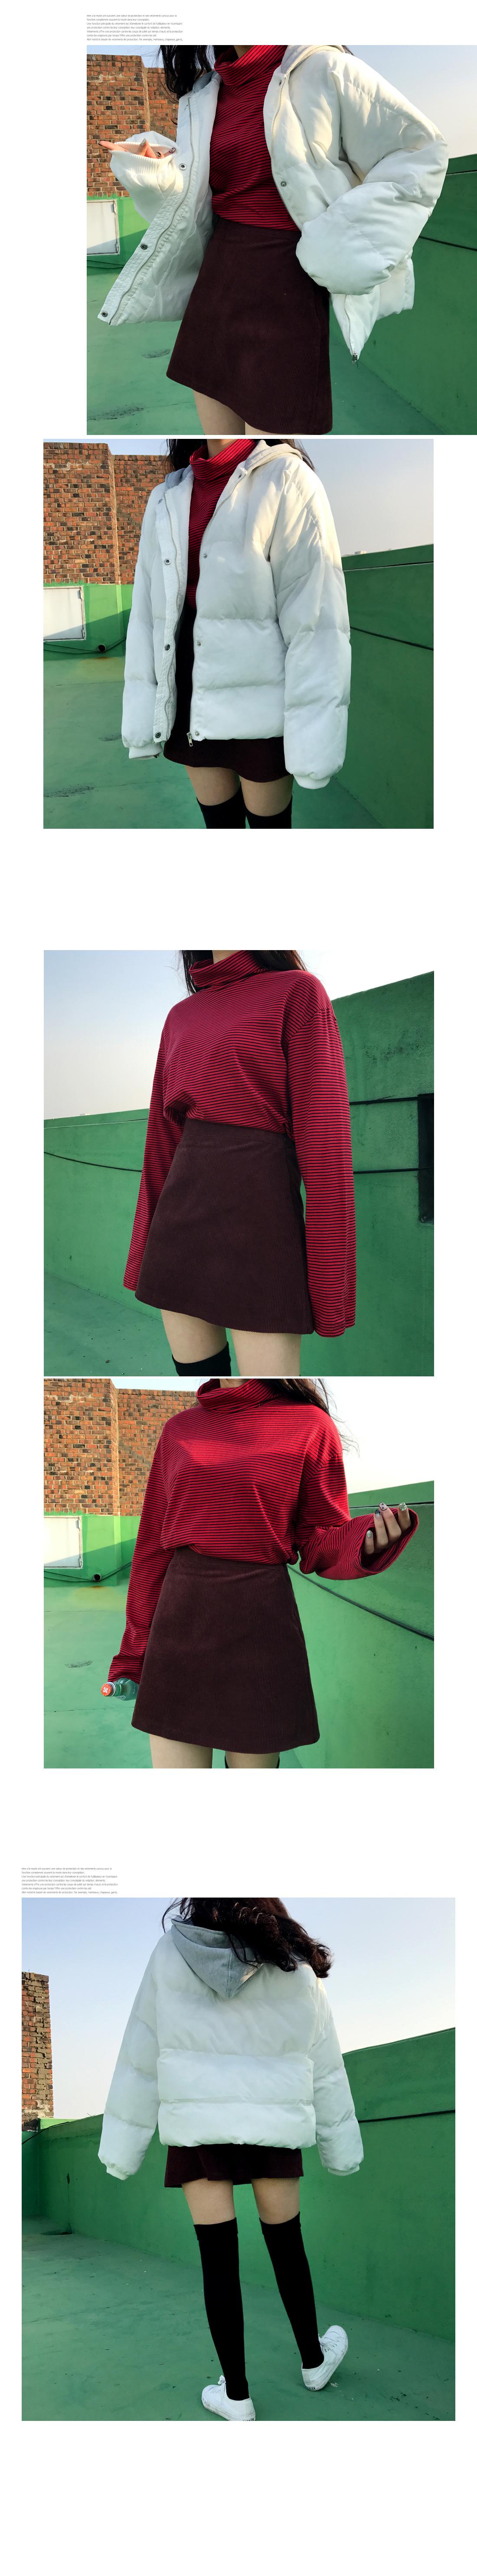 安くて可愛いレディースファッション通販 GOGOSING【楽天市場店】